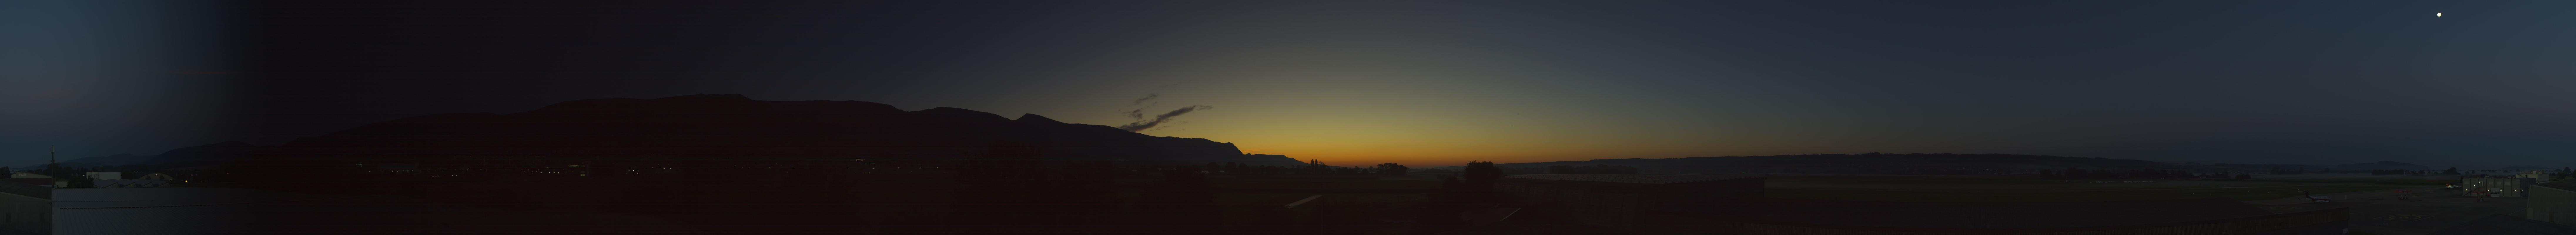 15h ago - 06:07